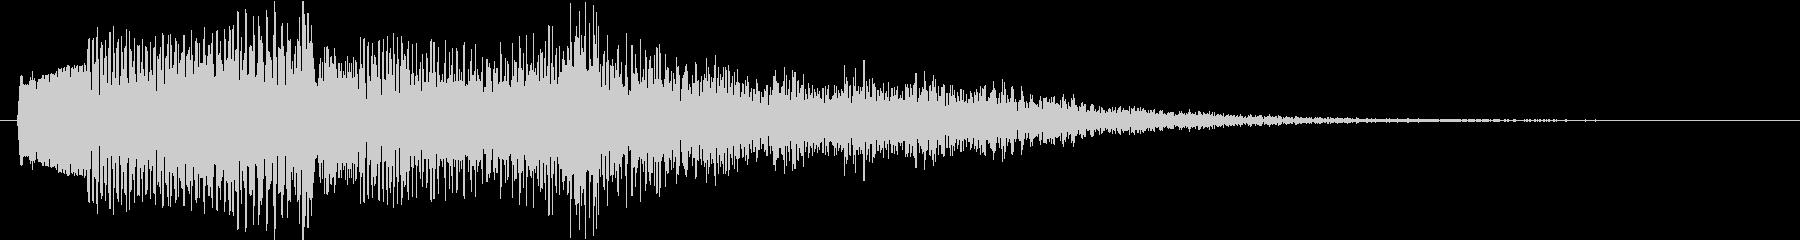 多用途ジングル-1の未再生の波形